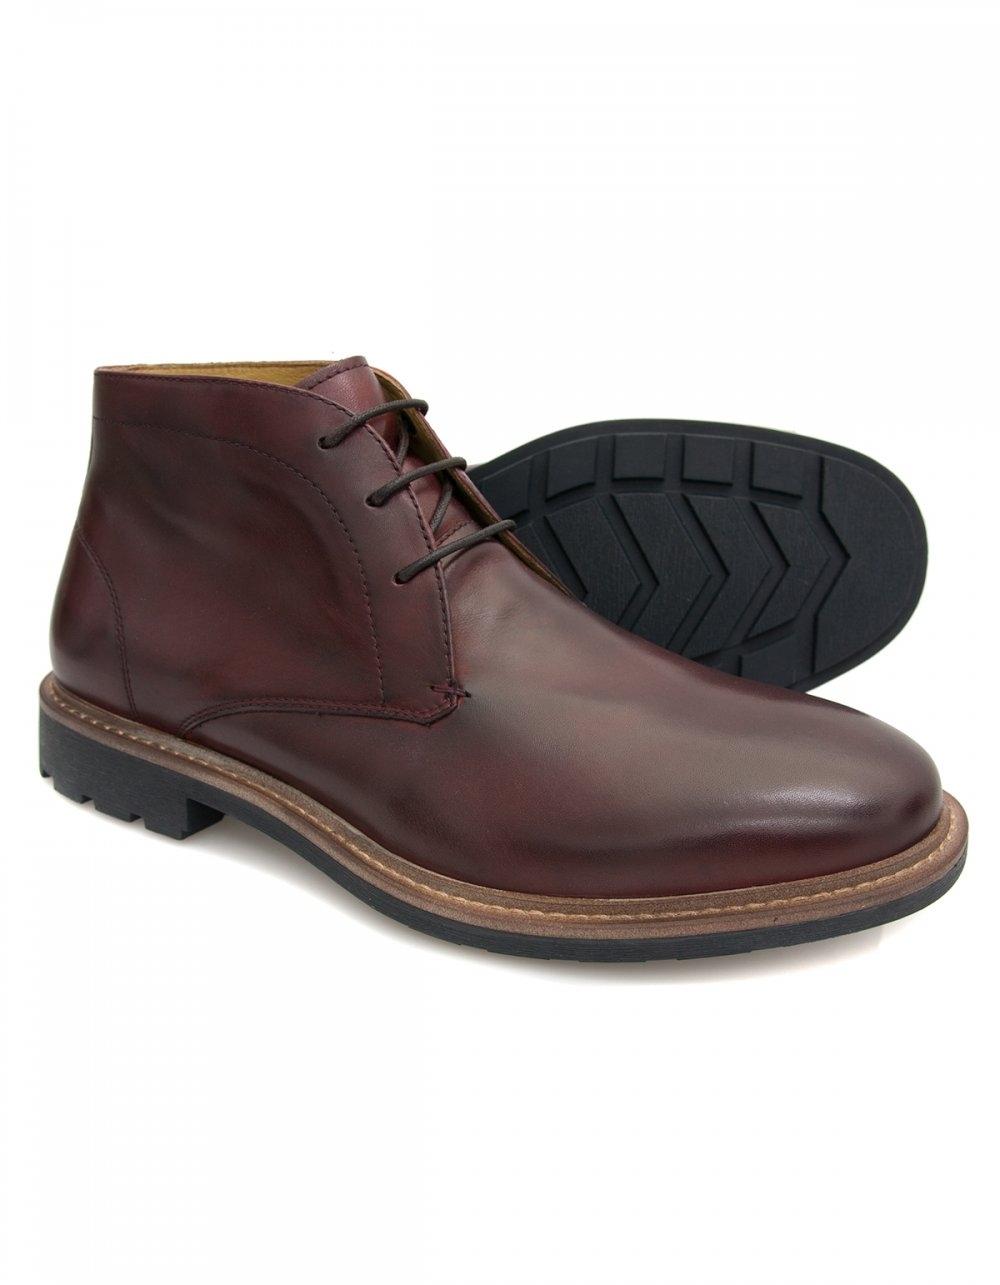 steptronic leeds leather chukka boot bordo